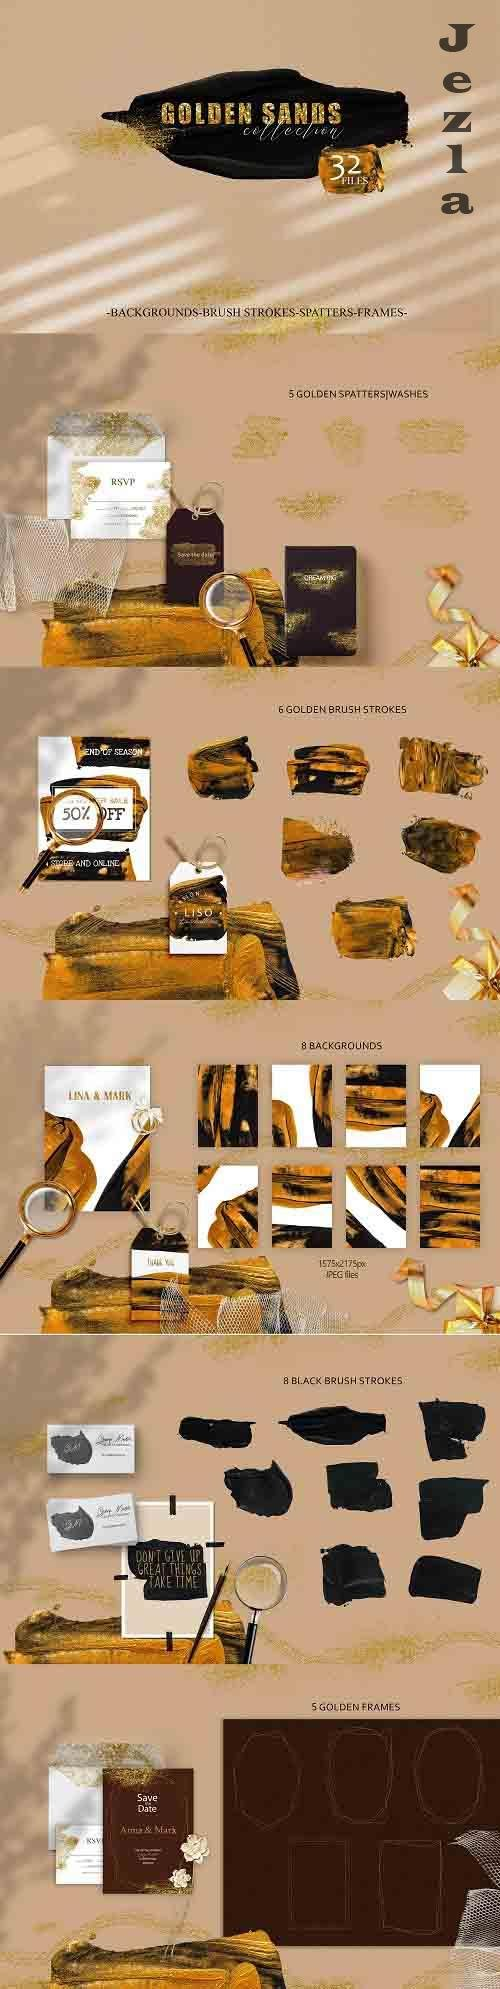 Abstract digital grunge black ang gold brush strokes - 1411716